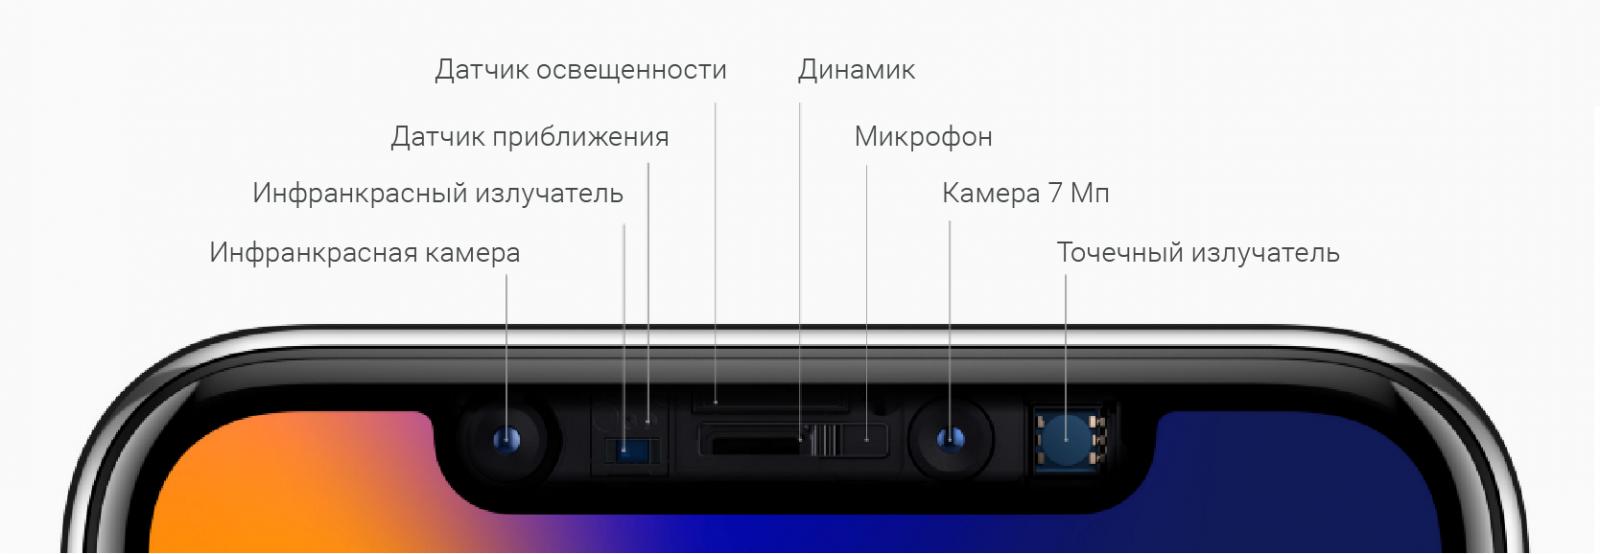 Как понять где сделан айфон